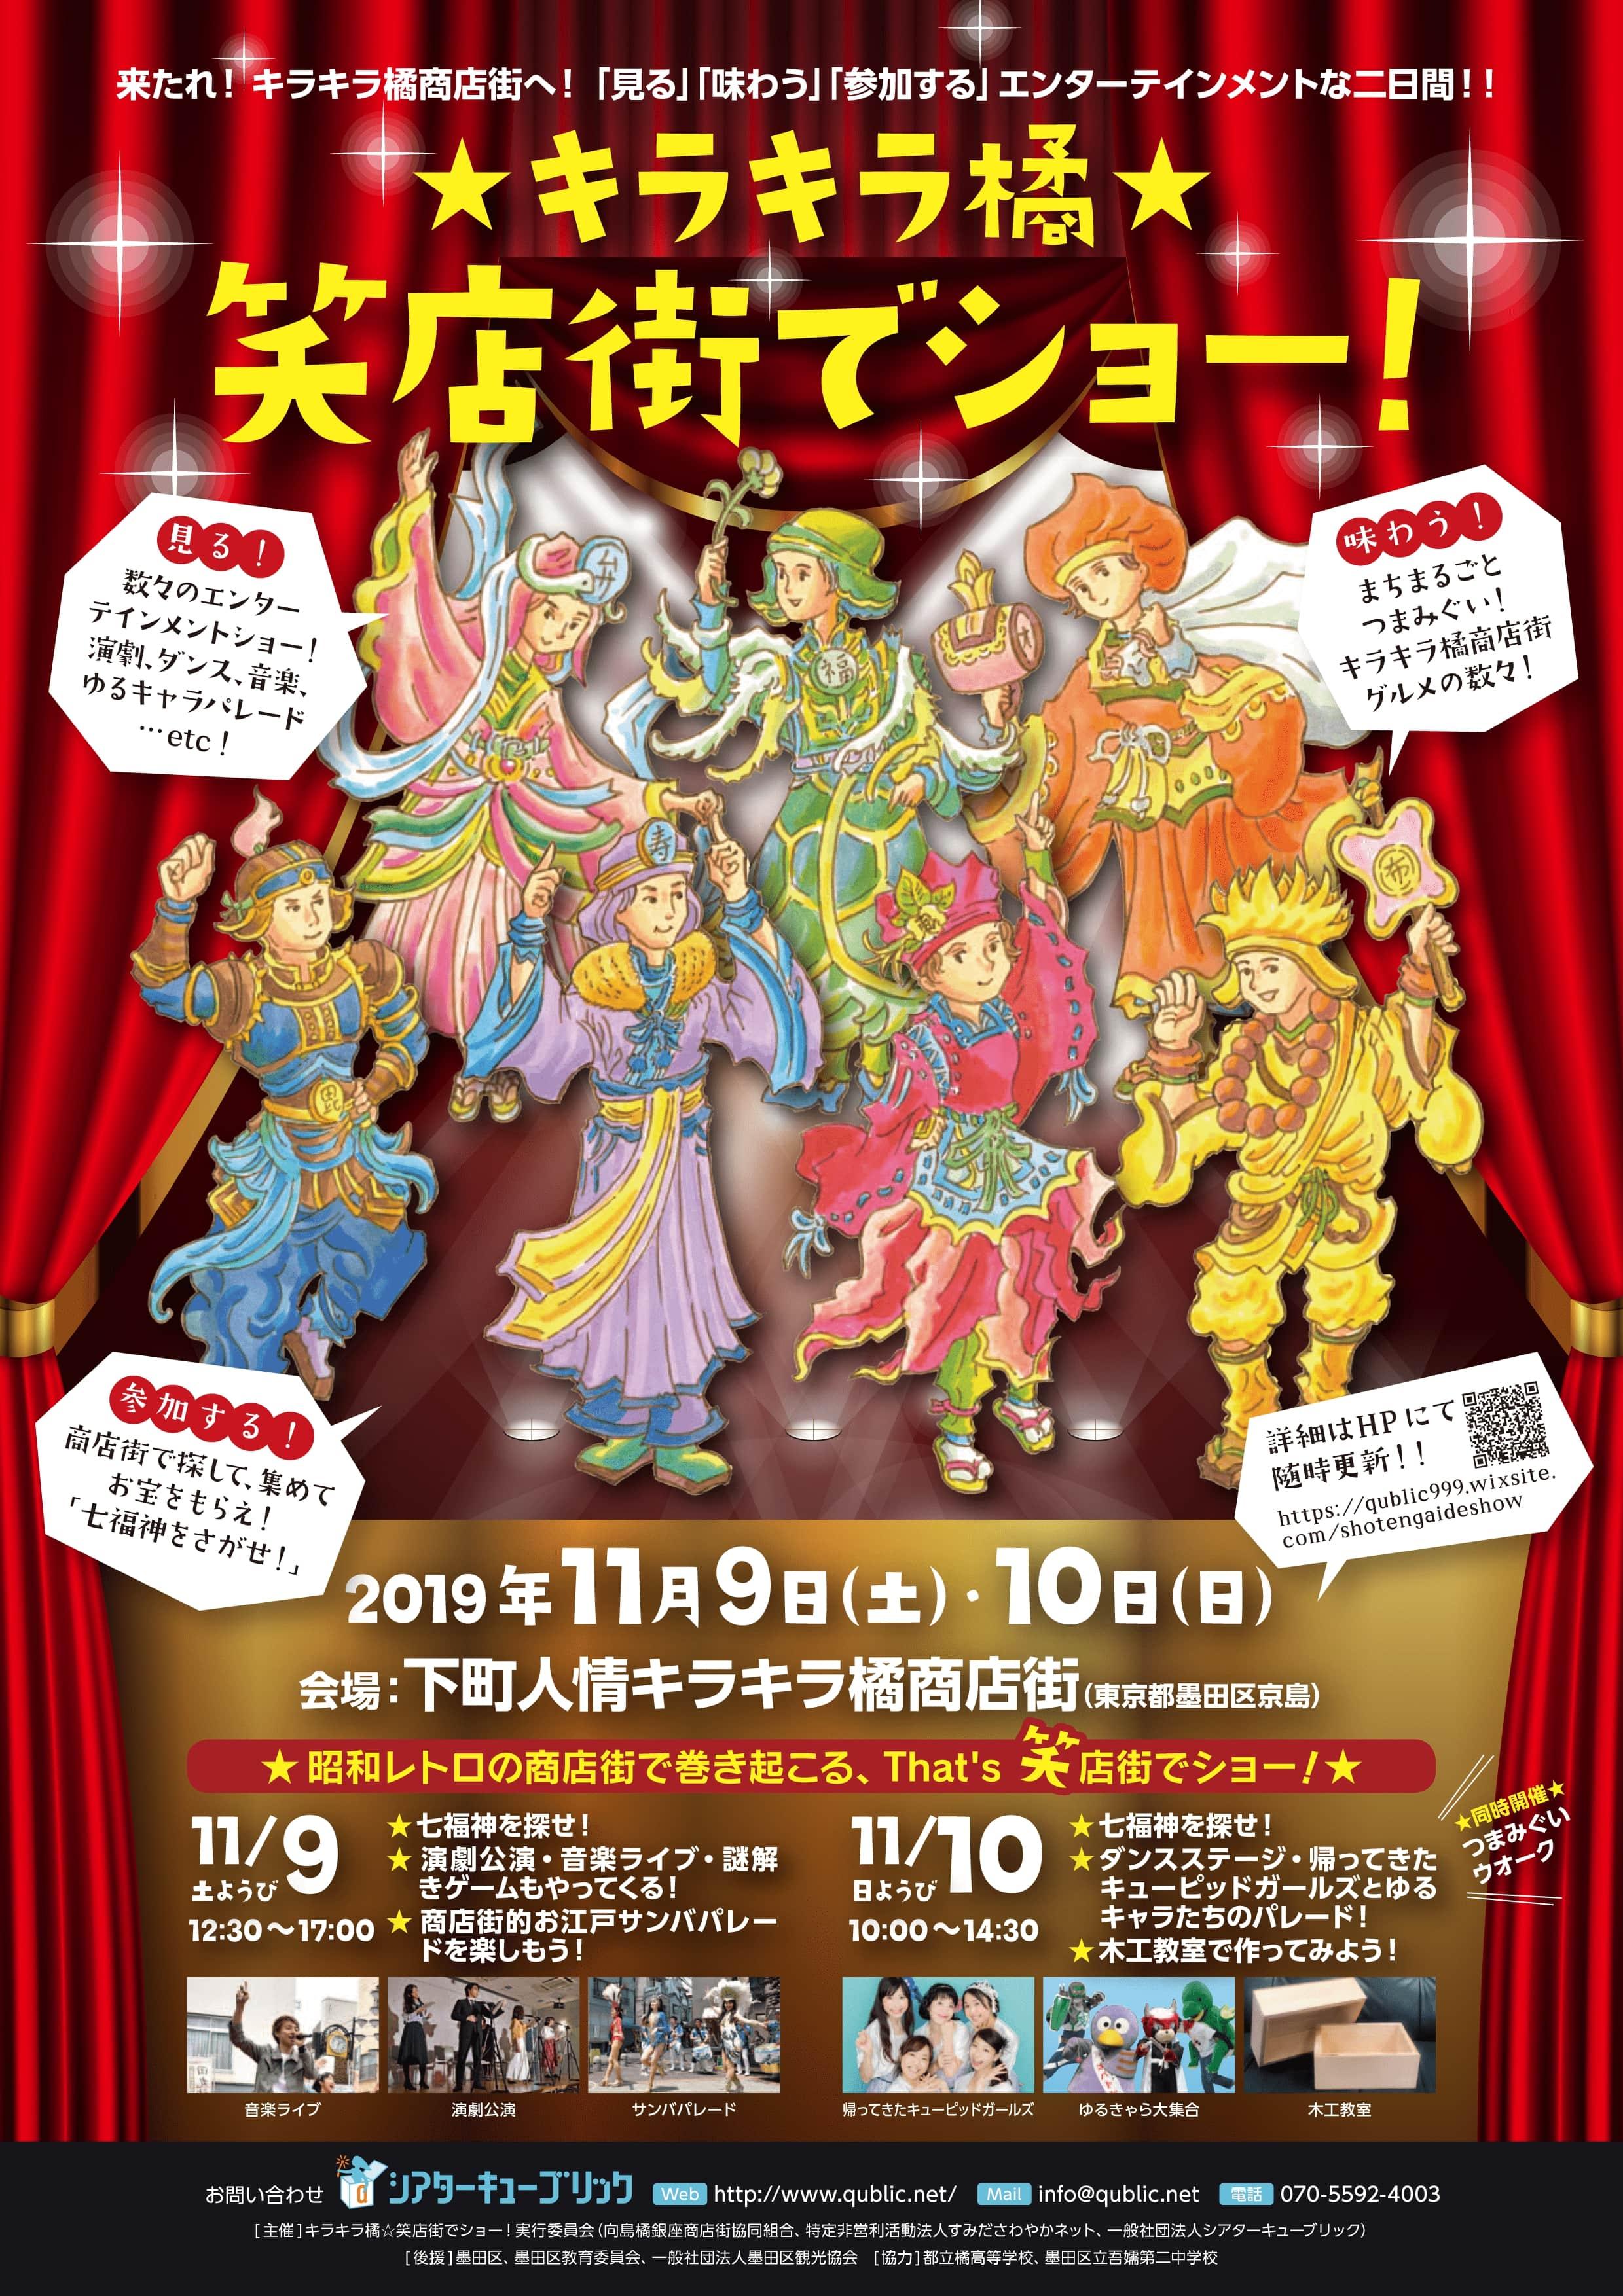 http://qublic.net/Shotengai2019_main.jpg